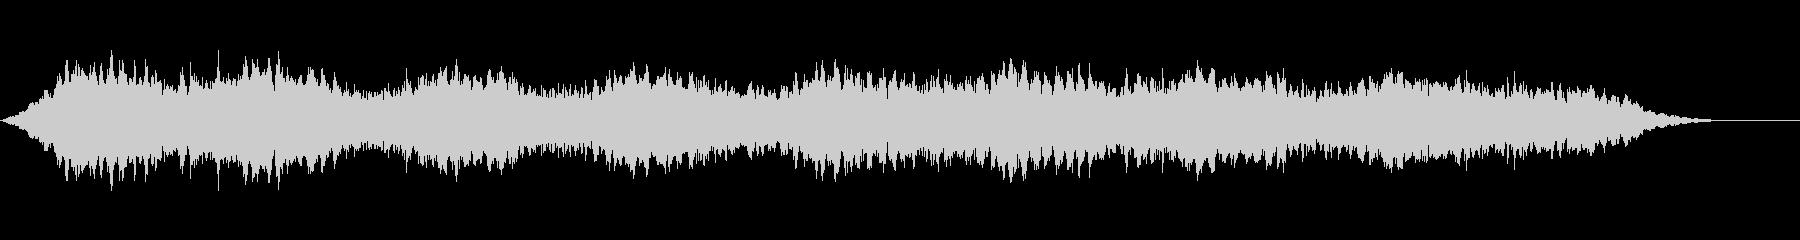 スペースアンビエンス4の未再生の波形